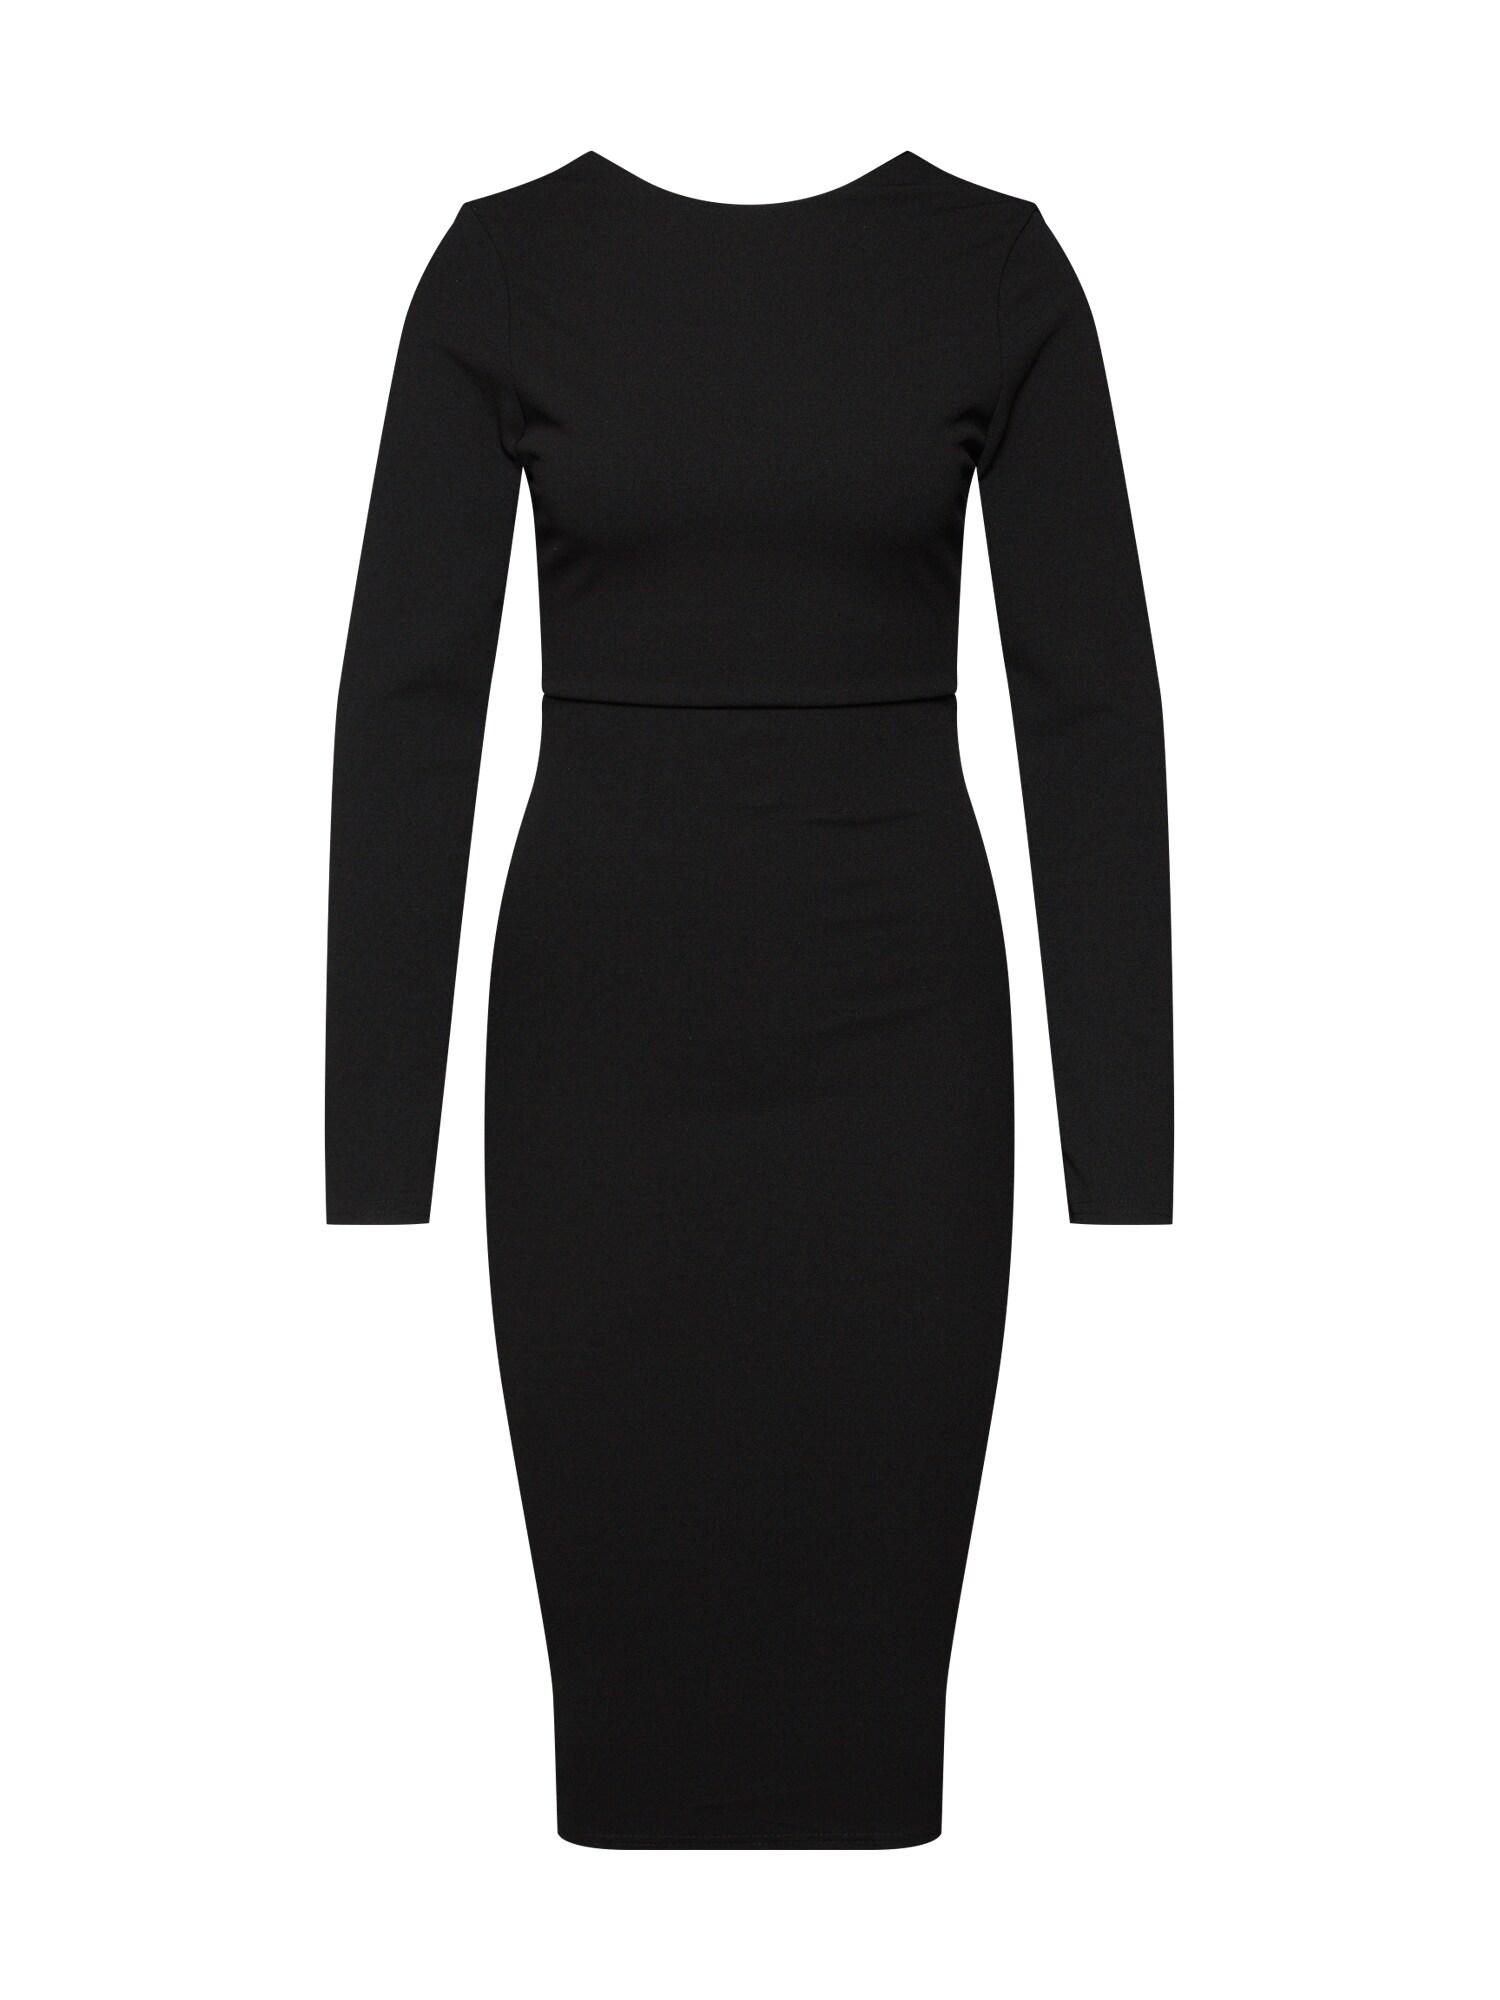 Šaty LOW BACK MIDI DRESS černá Missguided